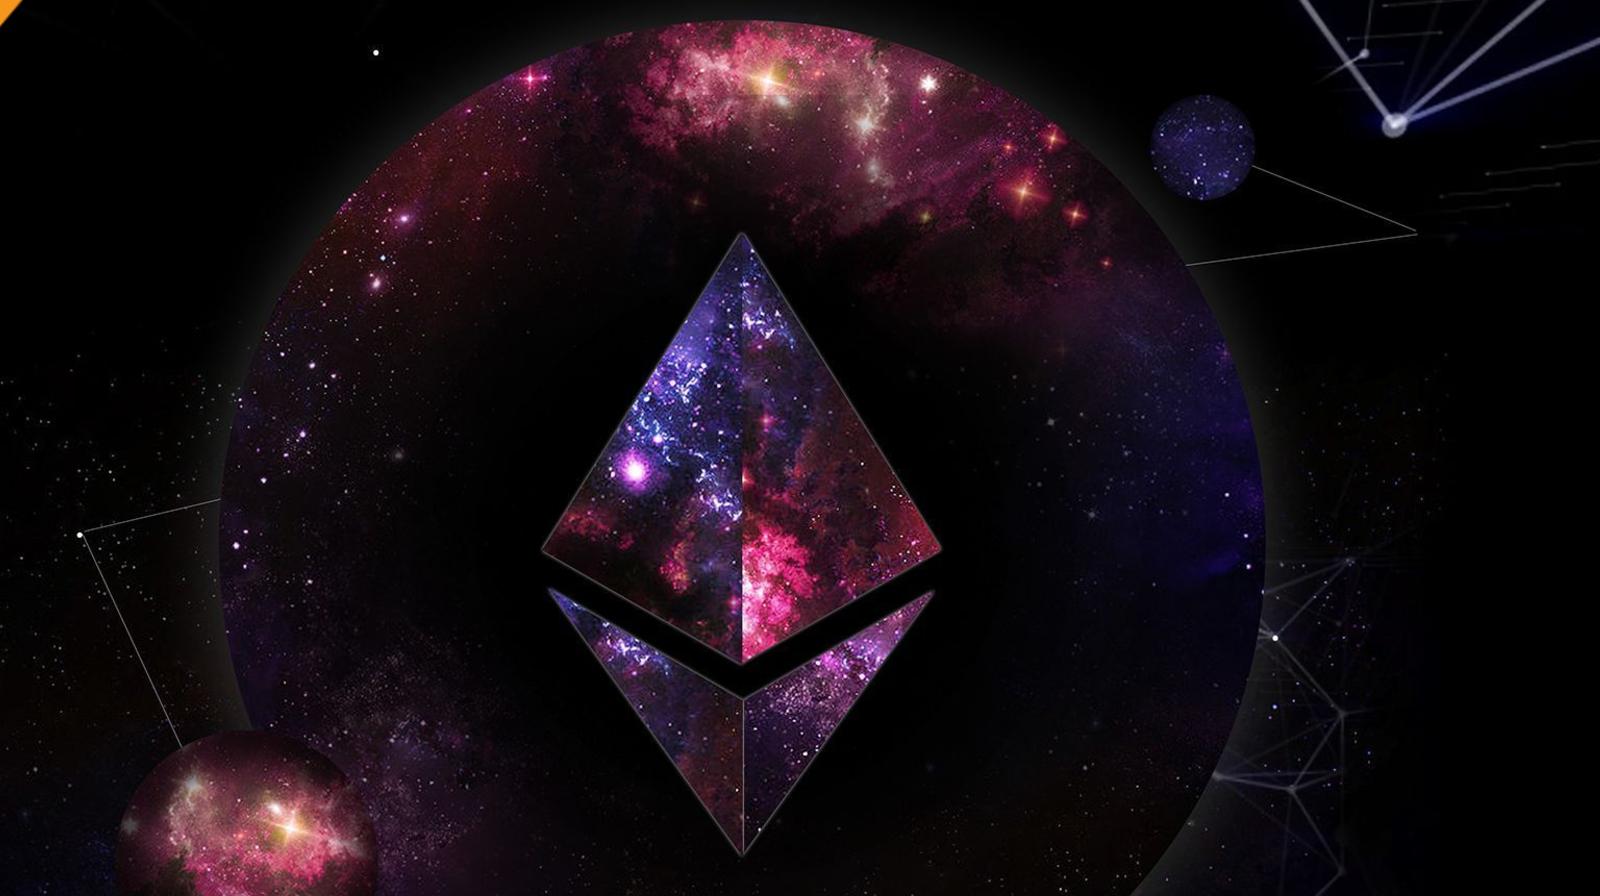 Ethereum tiếp tục giảm. Đây có phải là kết quả của cuộc tấn công Spam vào Blockchain?